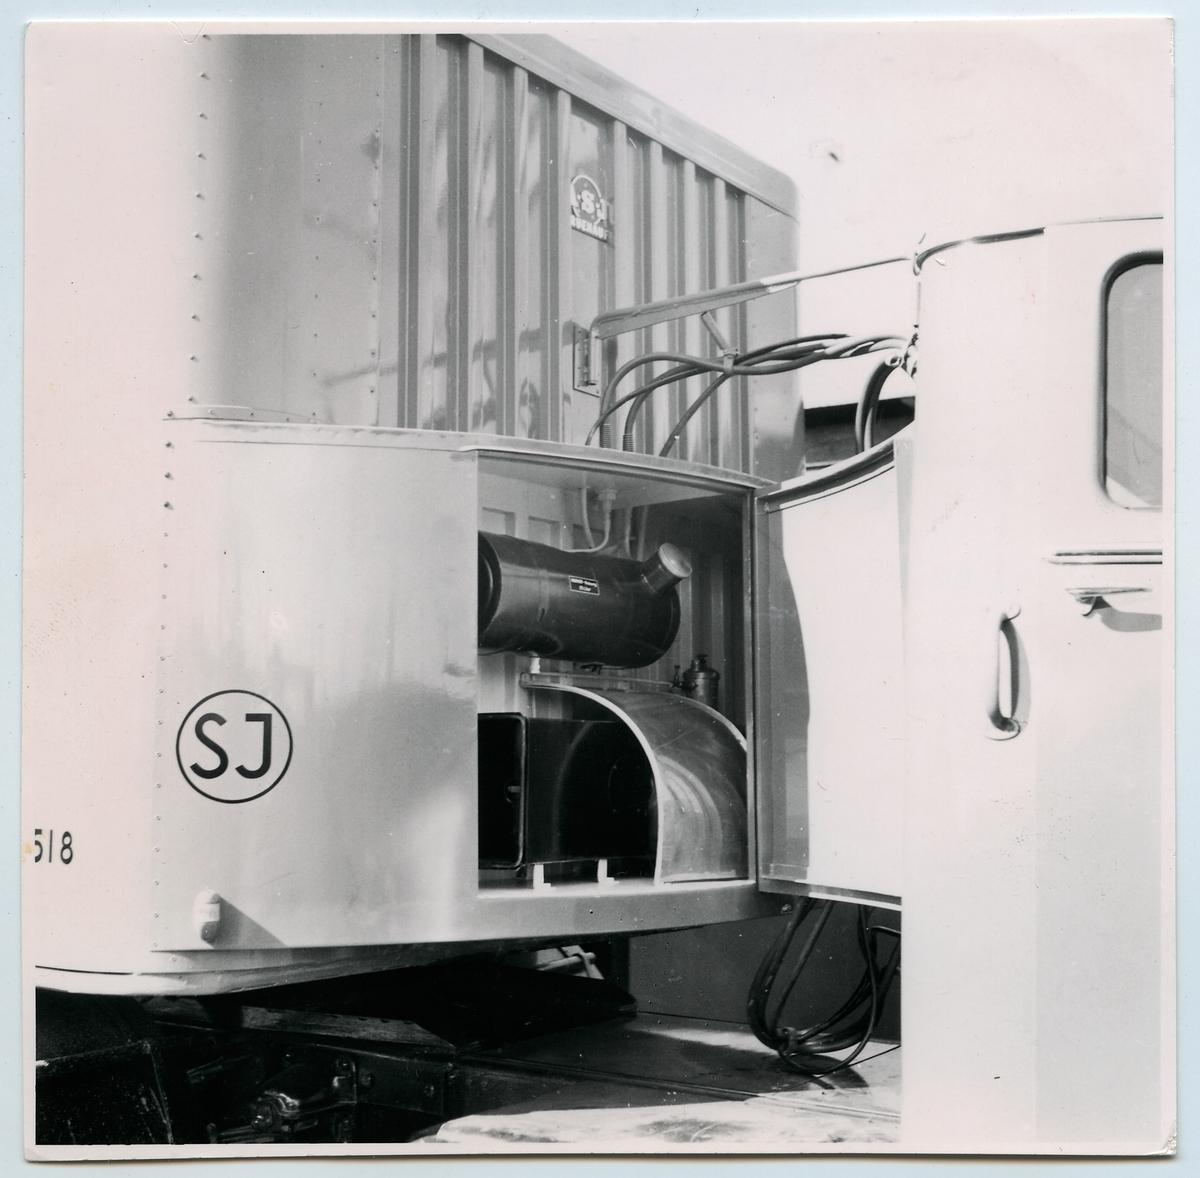 Kylanläggning till trailer från ASJ Fruehauf.